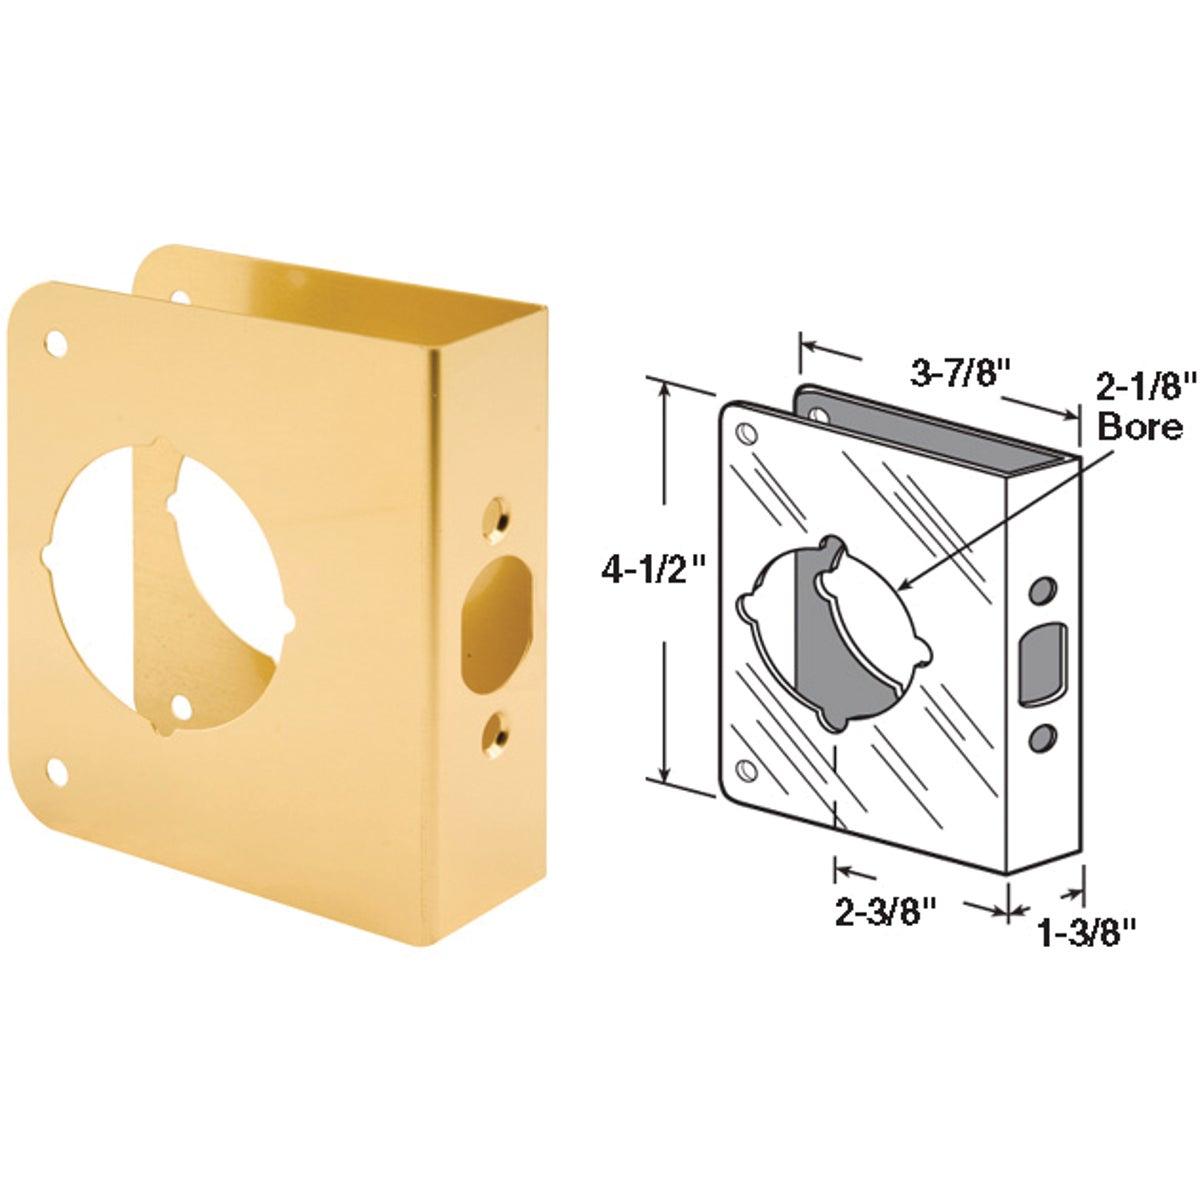 Defender Security 1-3/8 In. x 2-3/8 In. Brass Door Reinforcer